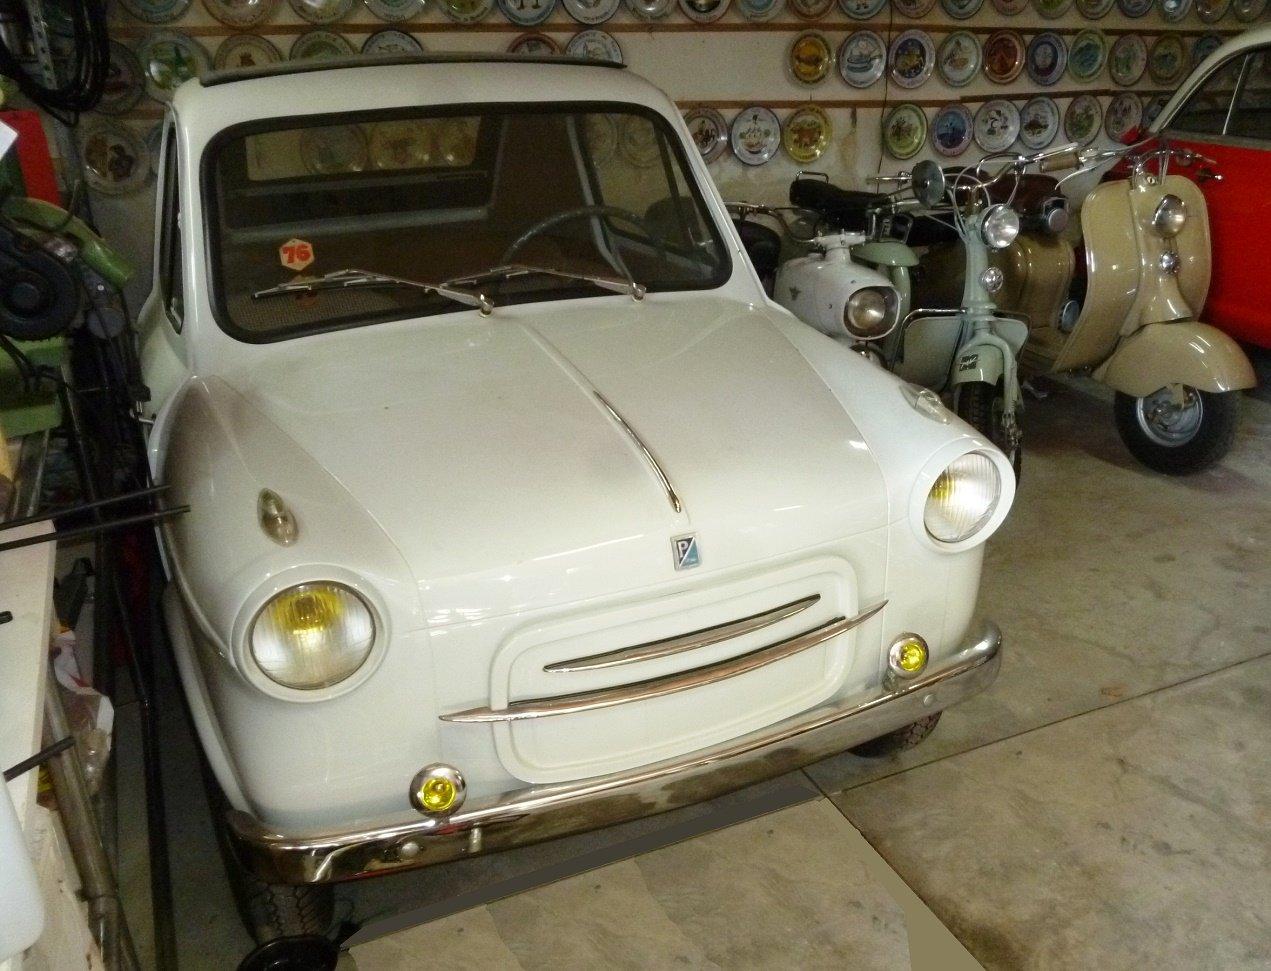 1960 Piaggio Vespa Acma 400 microcar For Sale (picture 2 of 6)